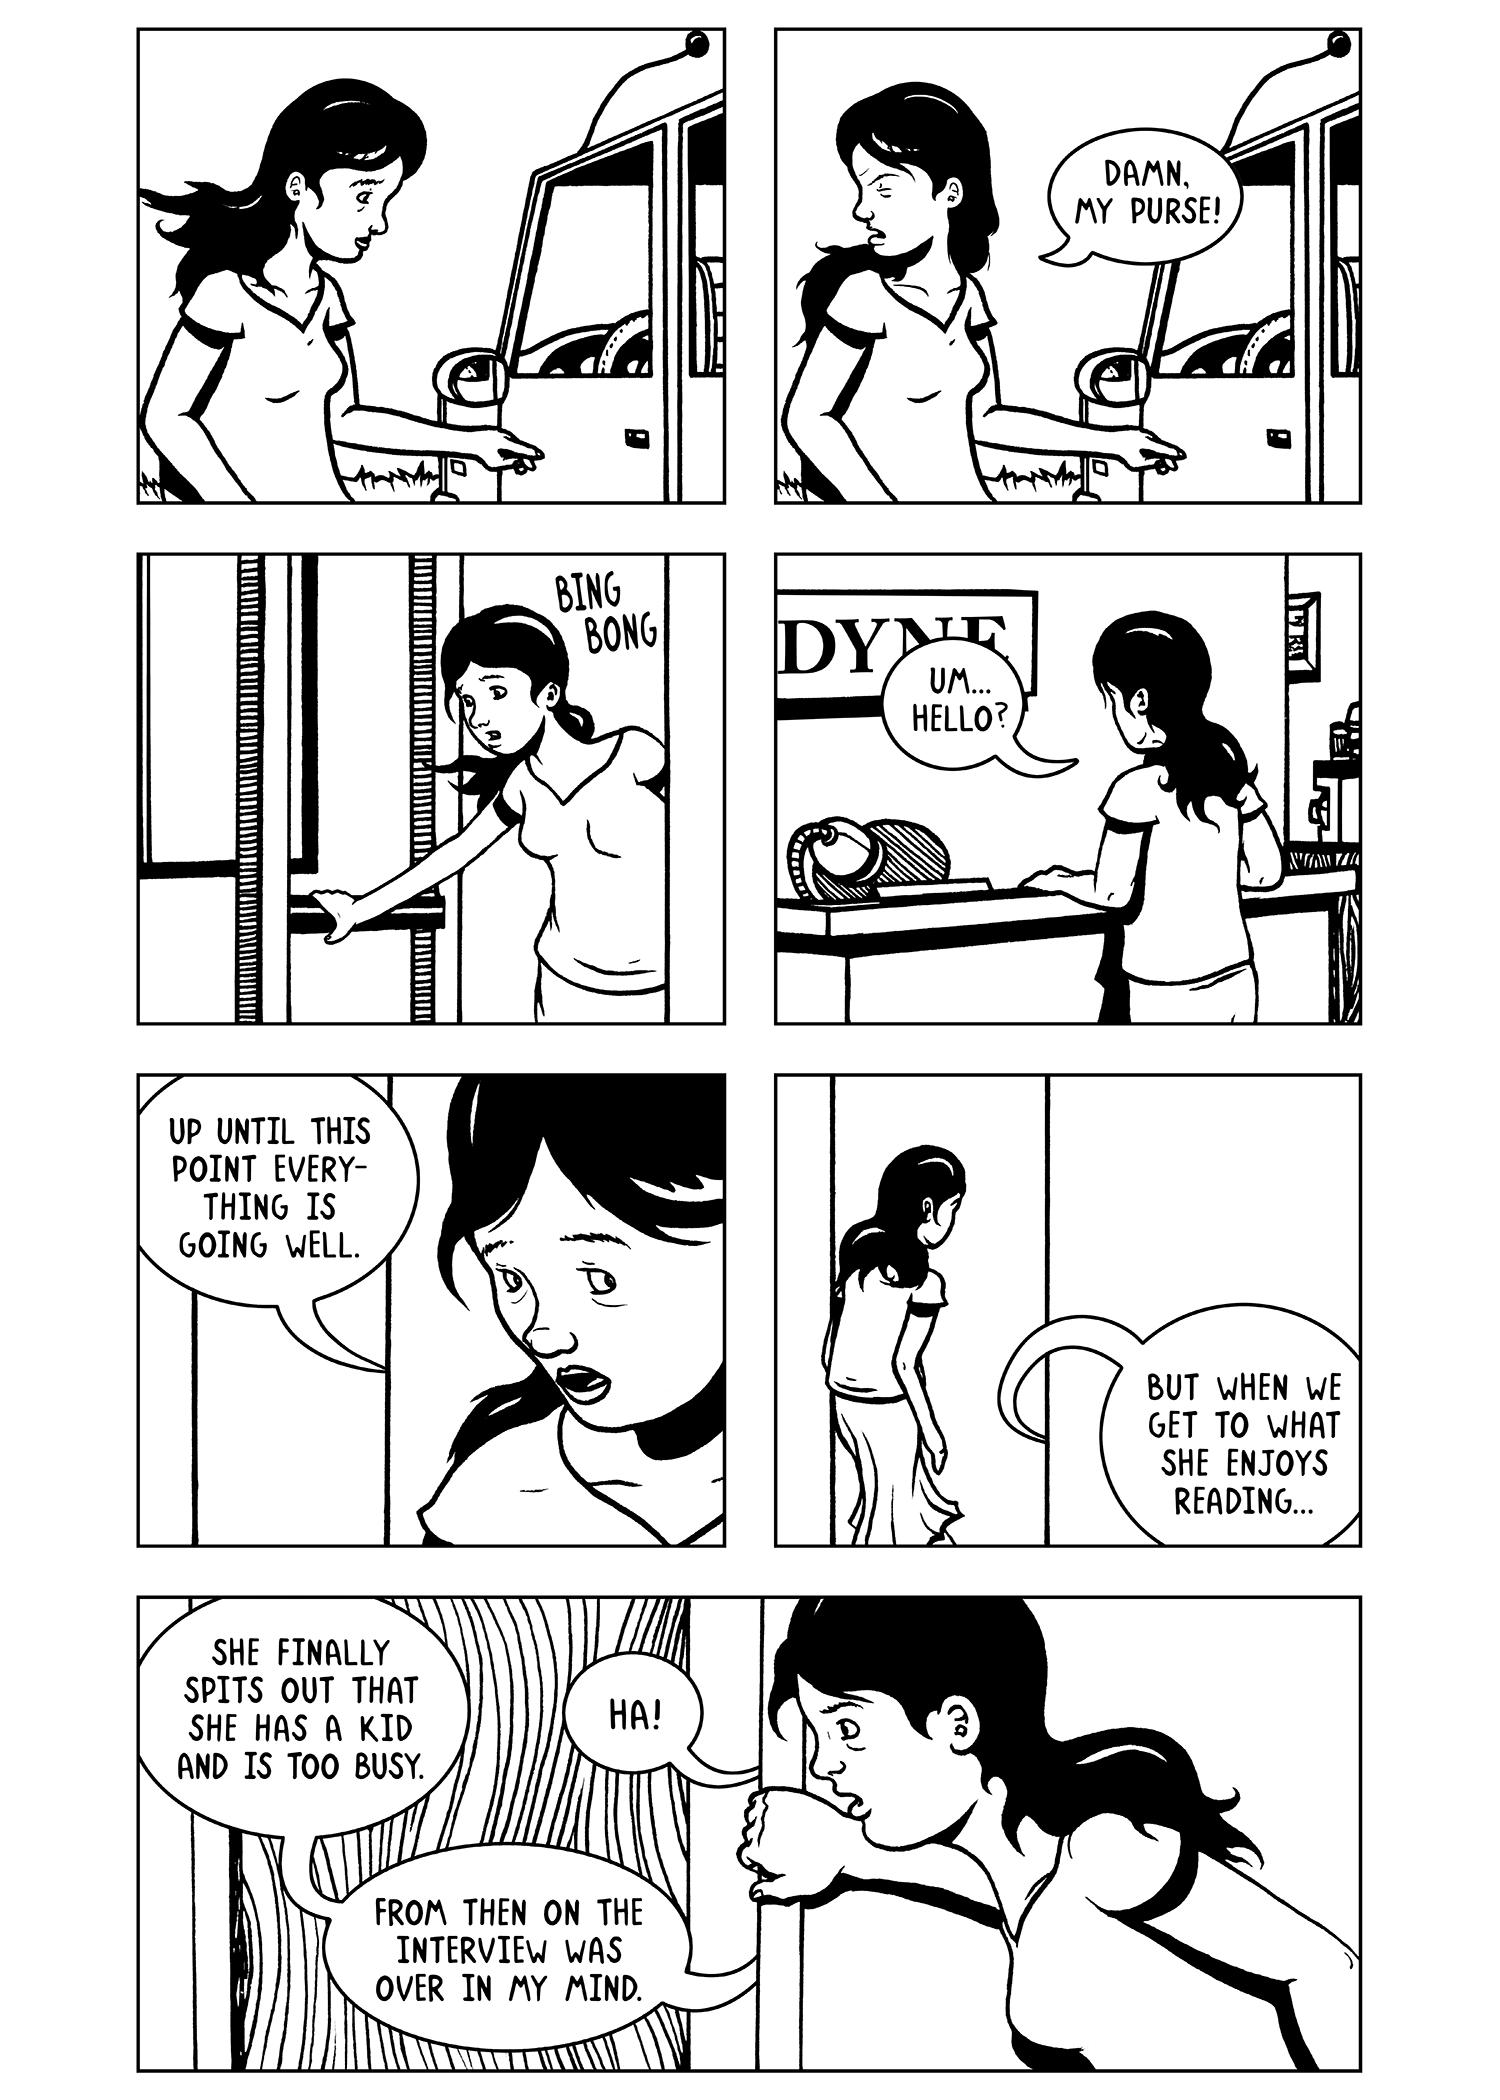 QWERTY_comic_23